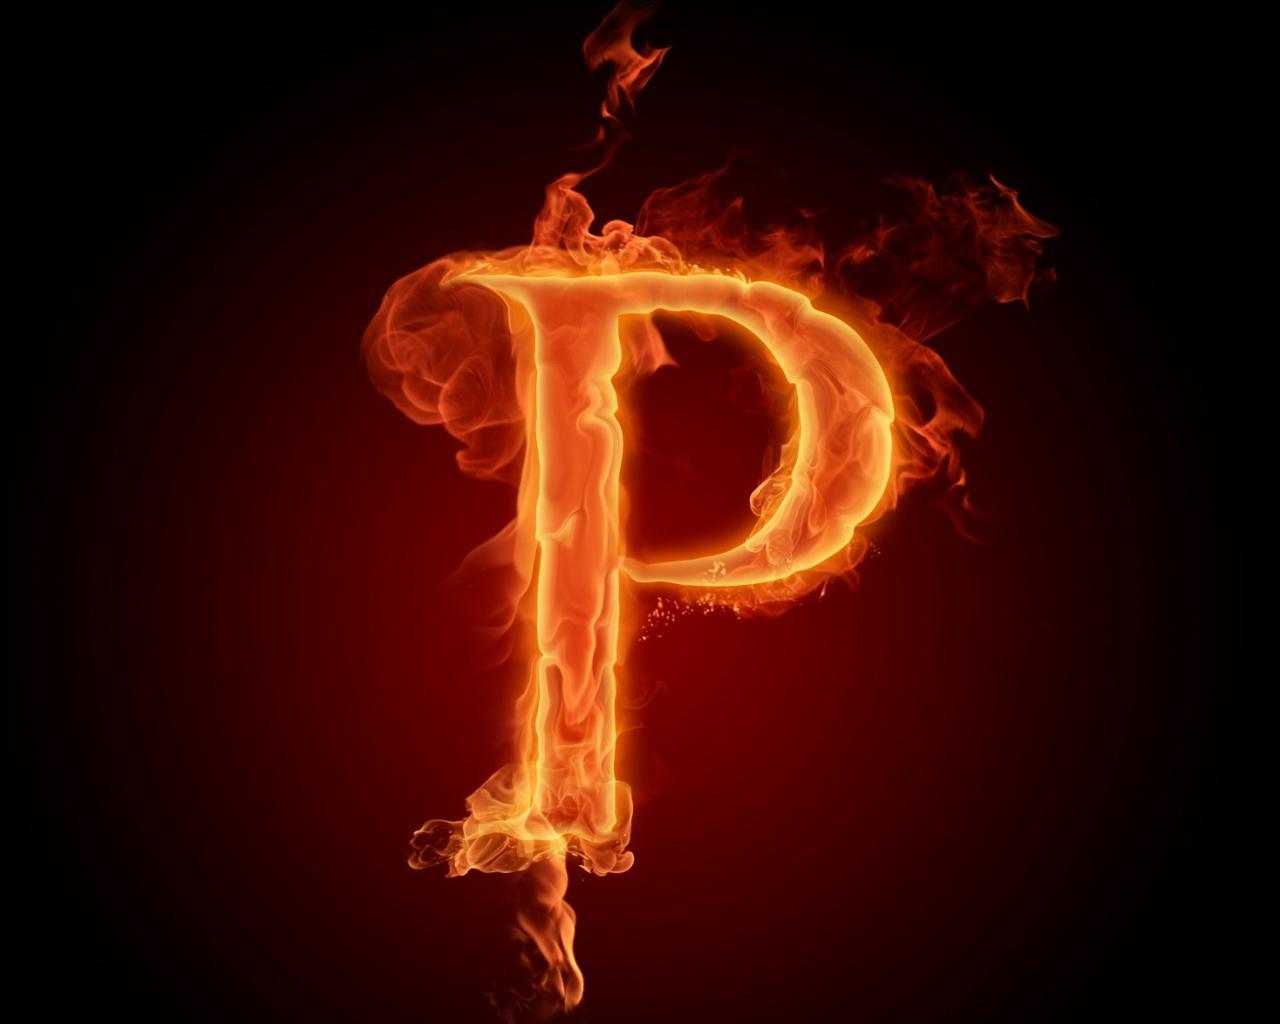 Огненный алфавит буква P обои для рабочего стола, картинки, фото ...